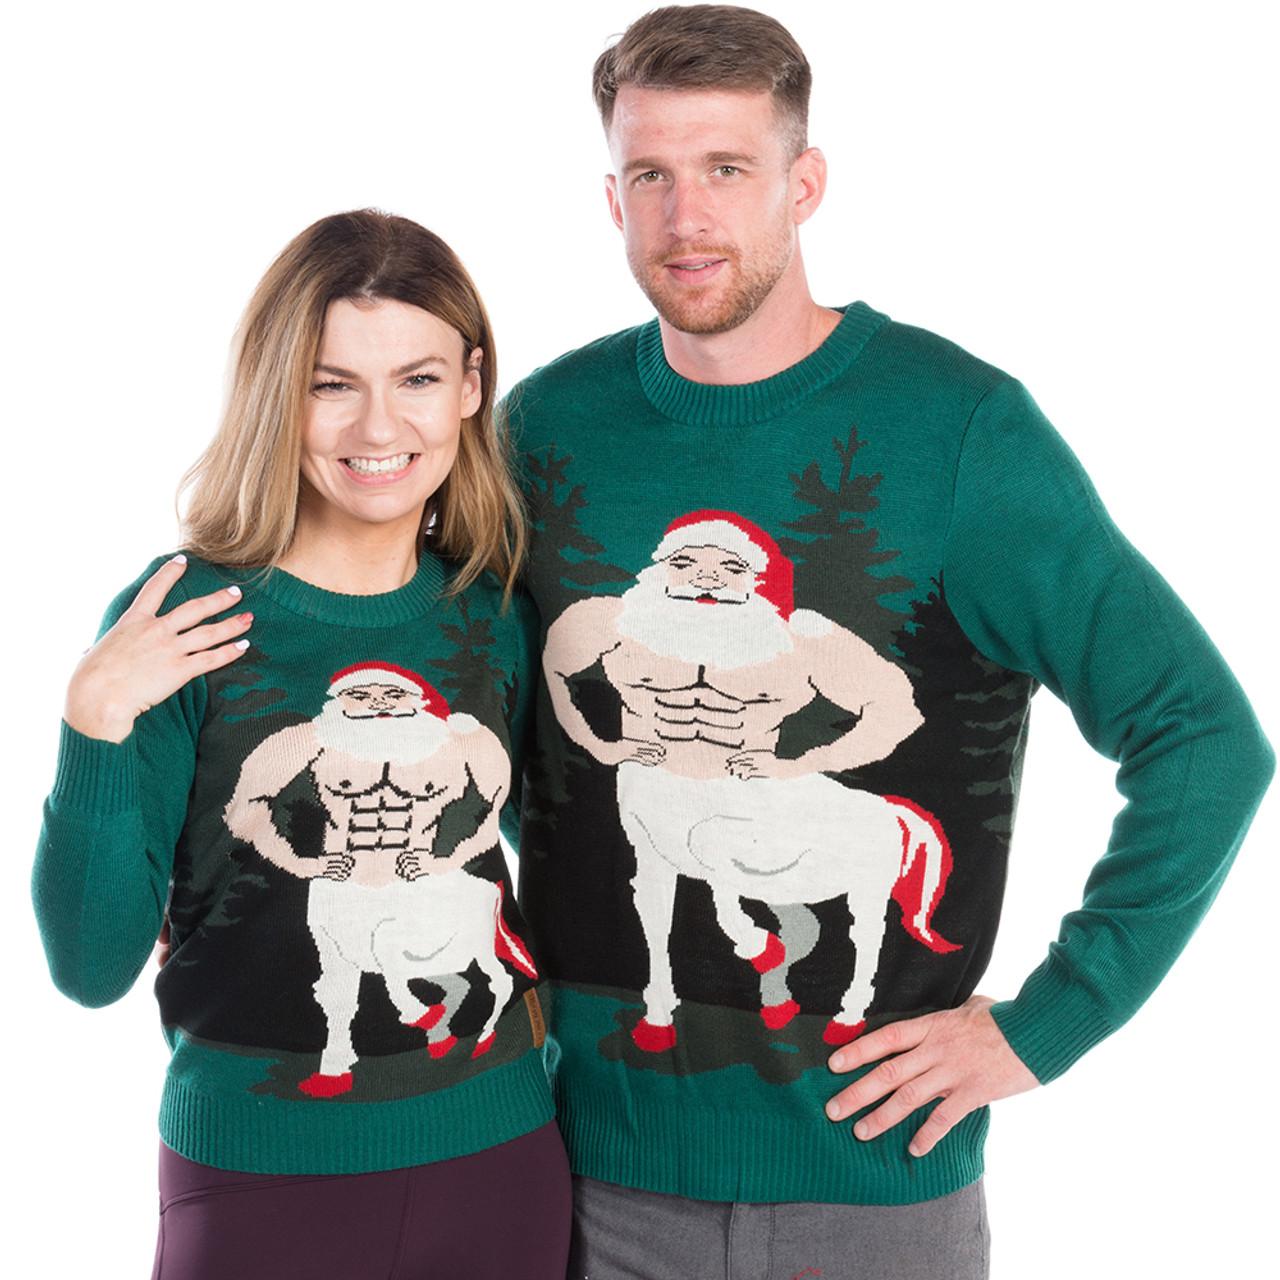 e10d5ec01b Santataur Funny Christmas Sweater   Retrofestive.ca